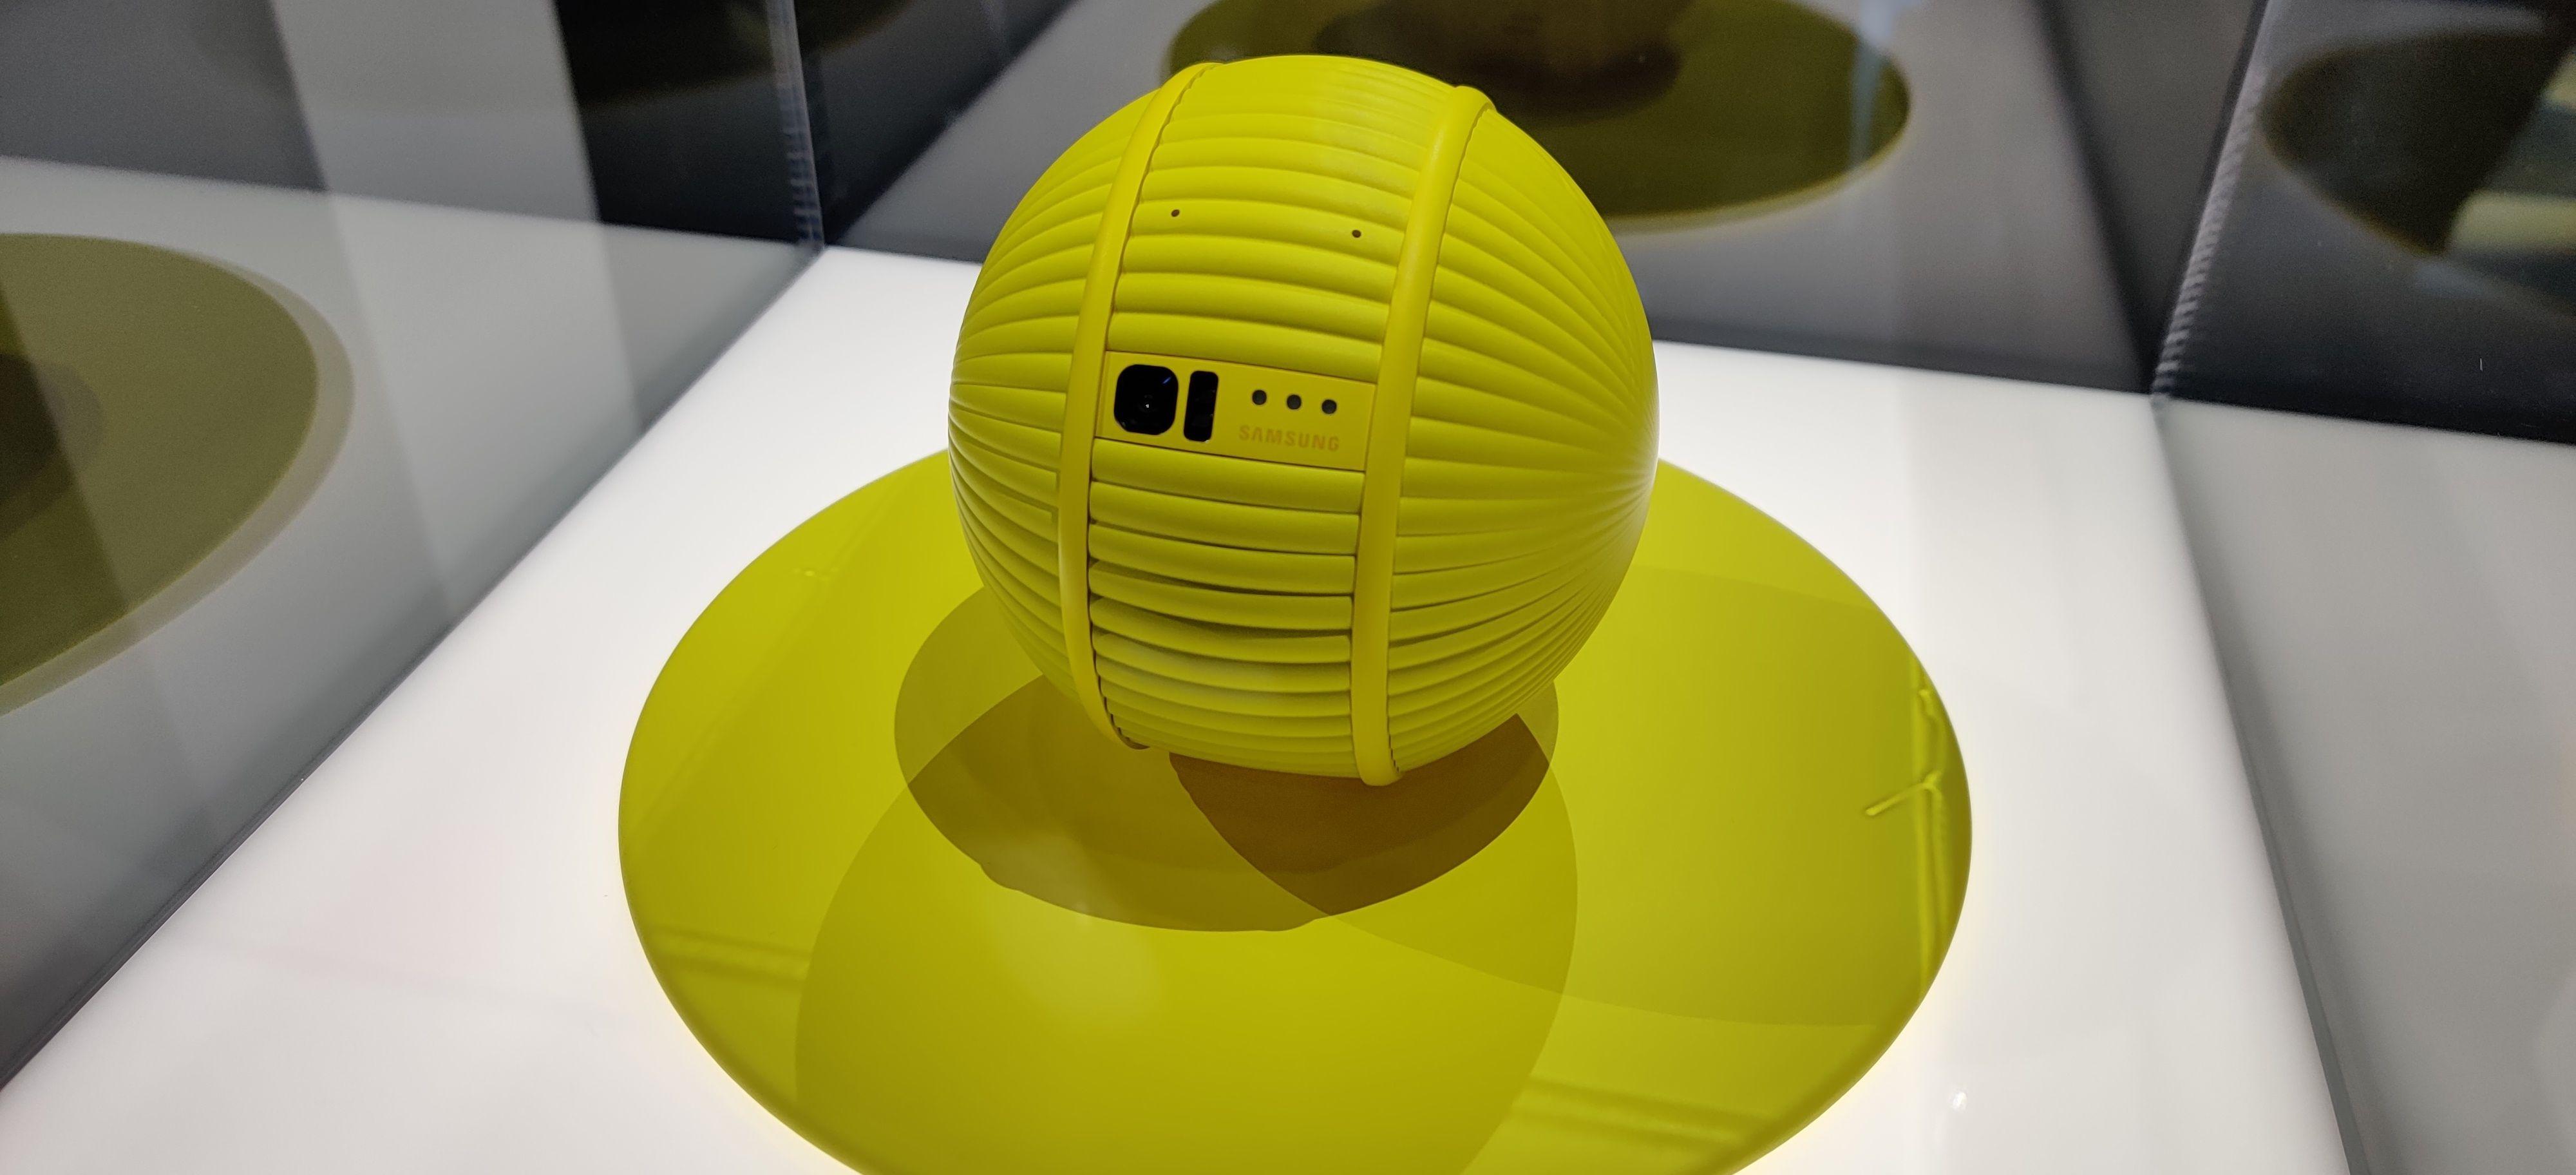 Ballen kommer med en liten plattform hvor den lader seg mellom slagene.